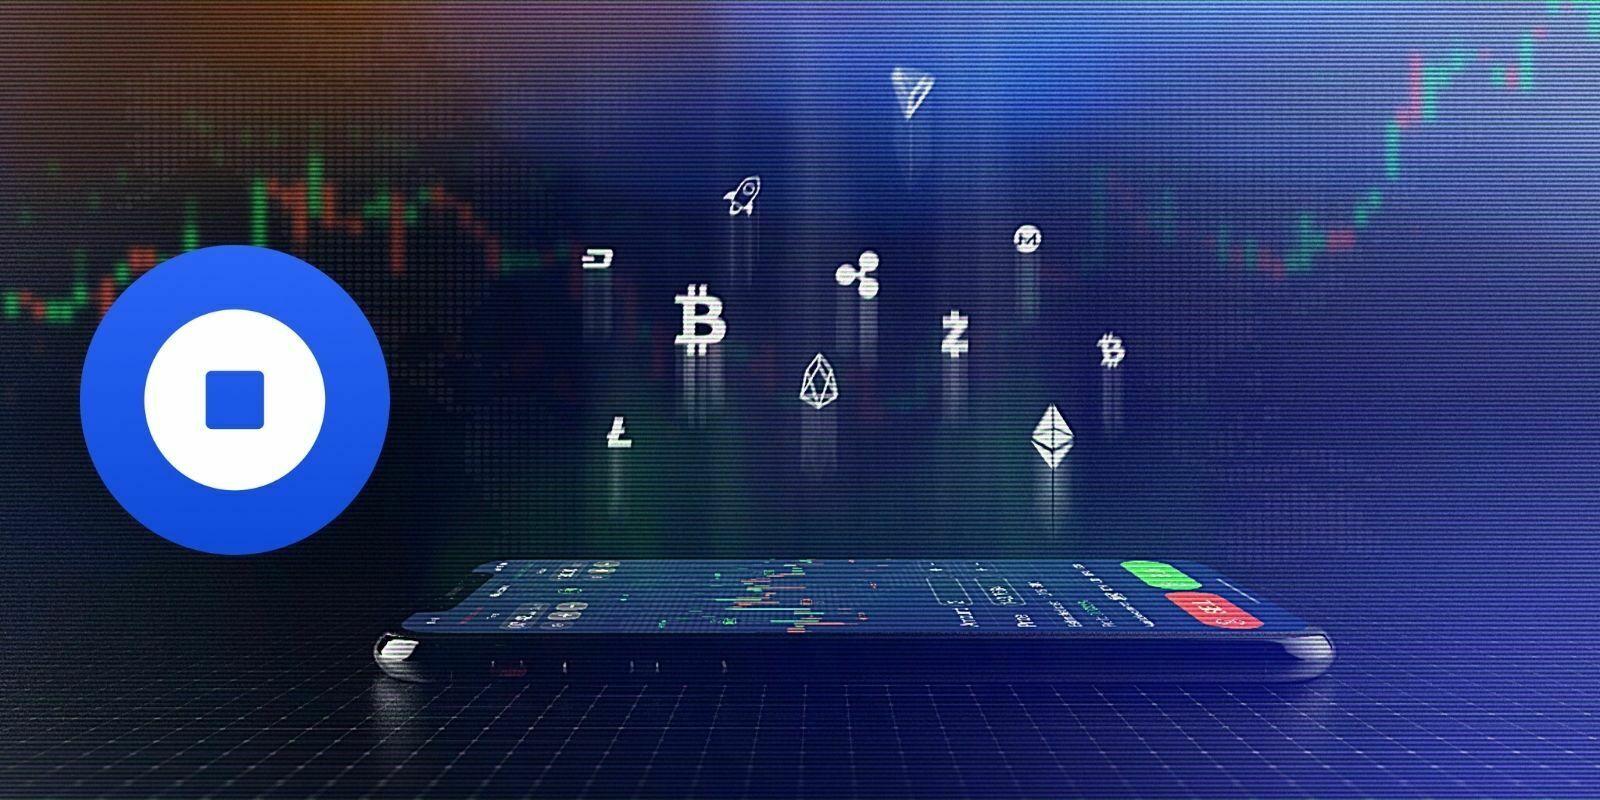 Le Coinbase Wallet permet maintenant d'acheter des cryptomonnaies